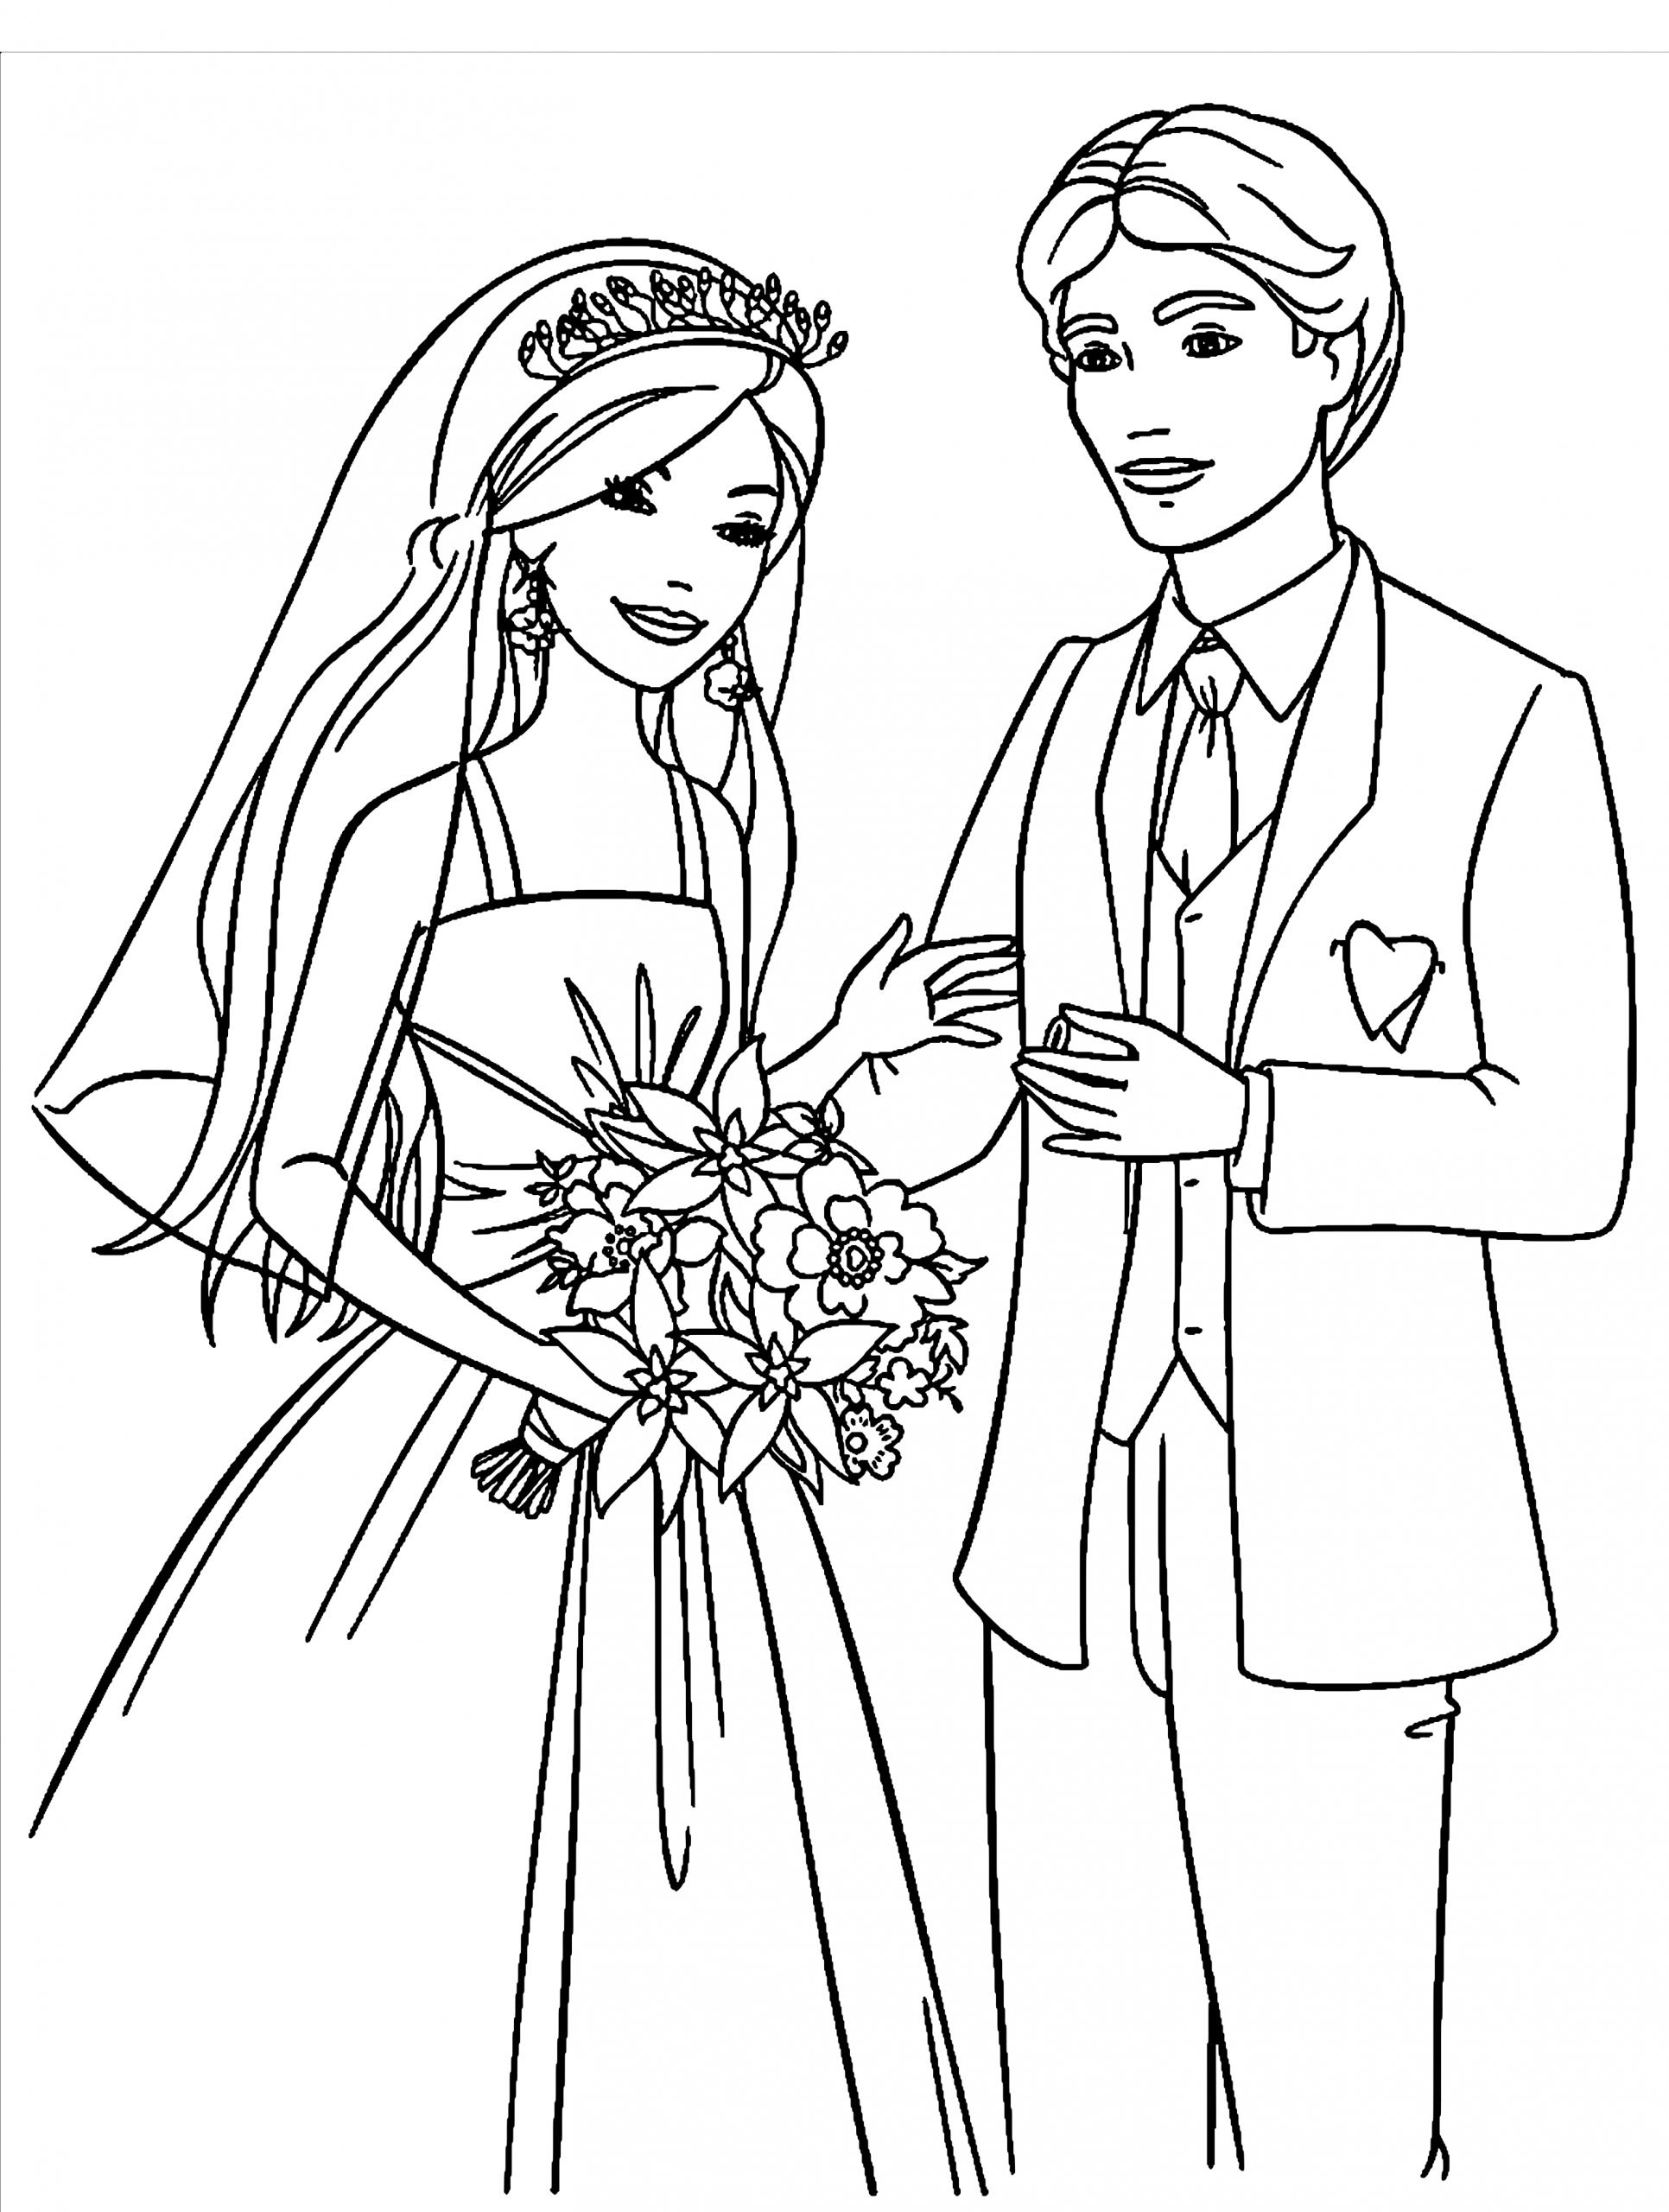 Ausmalbilder Hochzeit Tauben - 1Ausmalbilder über Hochzeitsbilder Zum Ausmalen